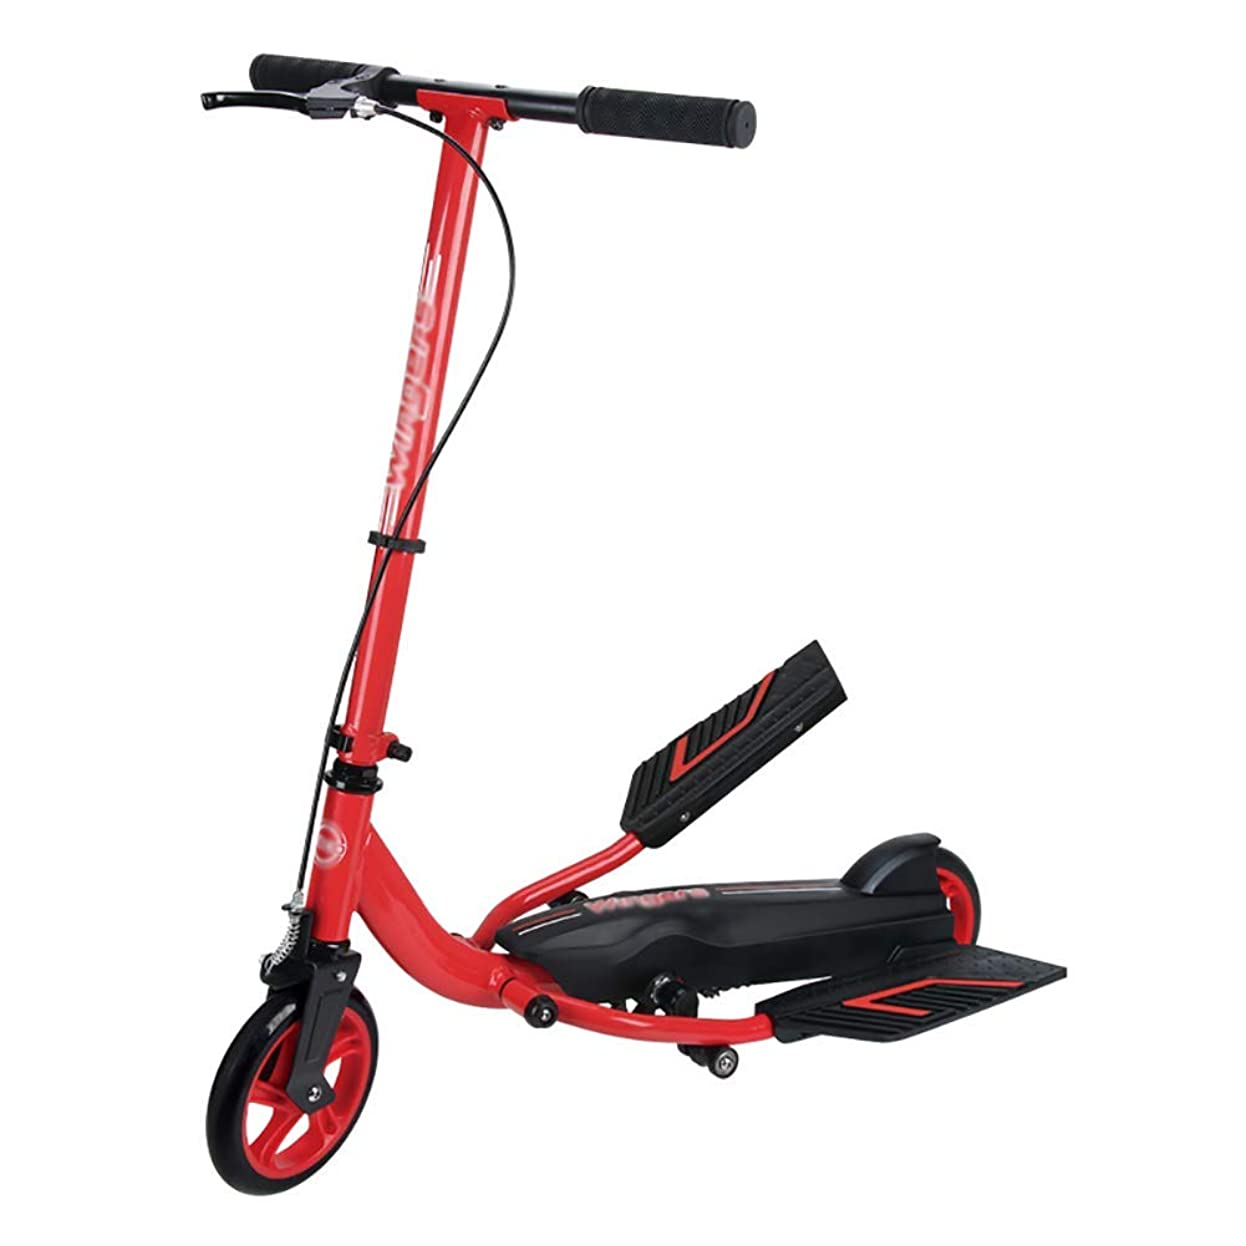 プロフィール統合キャリアスクーター 折りたたみ式キックスクーター子供用/大人用、2輪ワイドペダル調整不能自転車、非電動